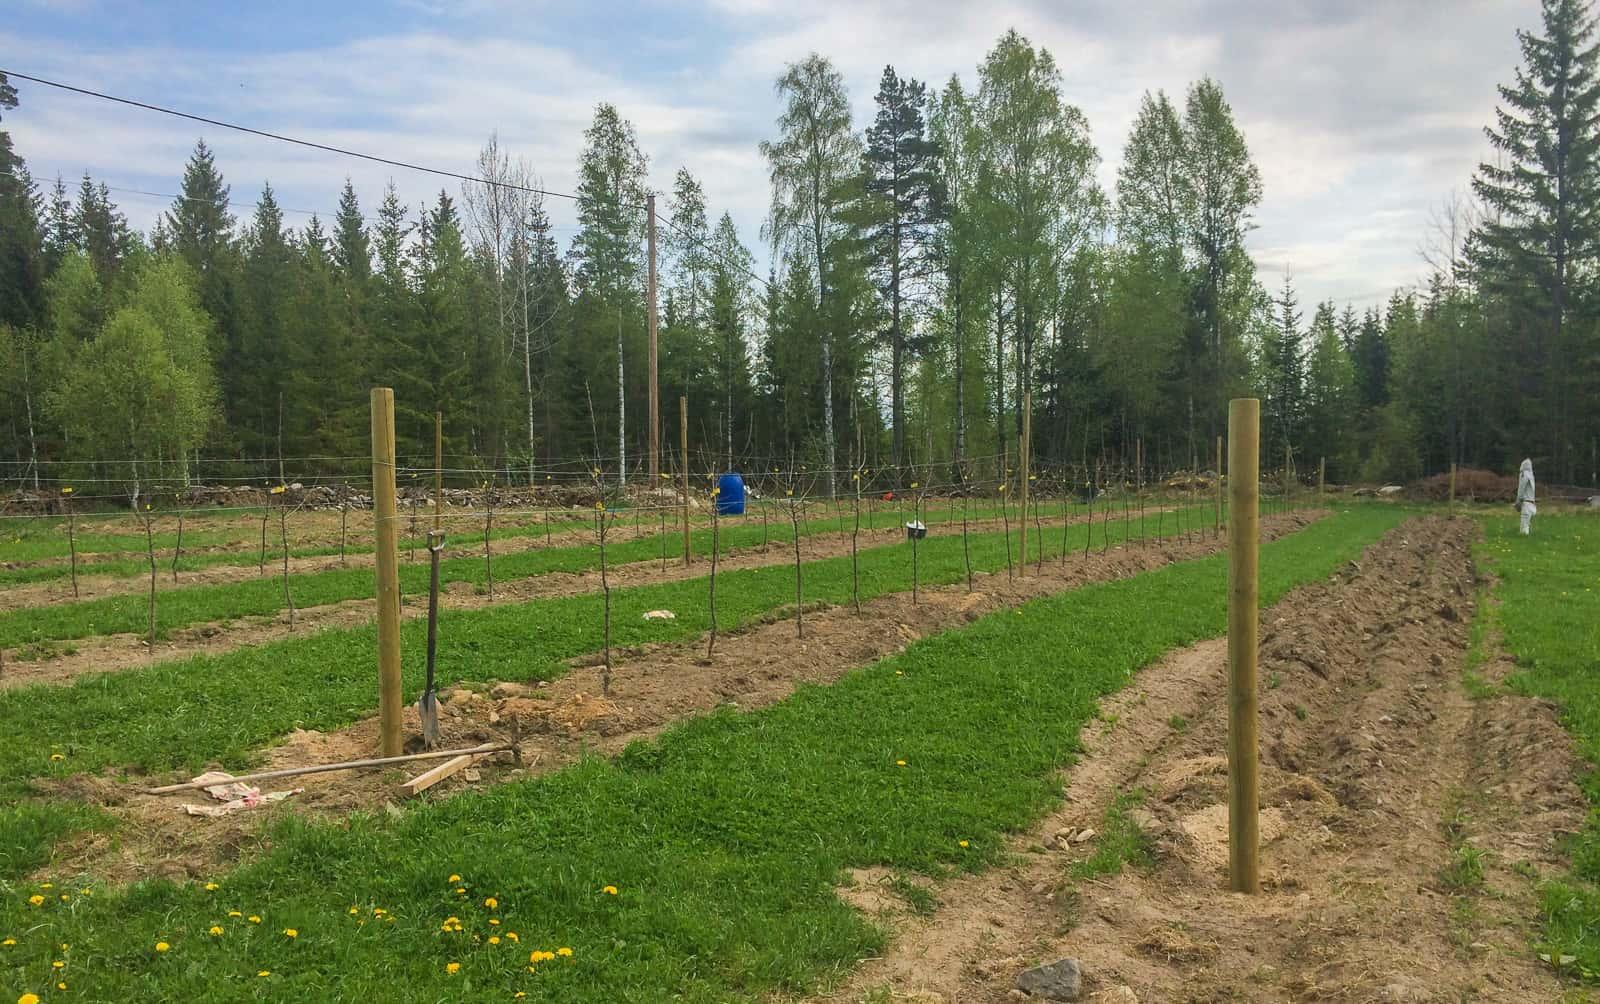 I min äppelodling på 2500 kvadratmeter har jag tjugofem stolpar av tryckimpregnerat virke. De man läcka max 180 gram koppar under 40 år och är därför inte tillåtna i ekologisk odling. Samtidigt är det tillåtet för mig att gödsla med 1,5 kilo koppar var femte år i samma odling – helt ekologiskt.